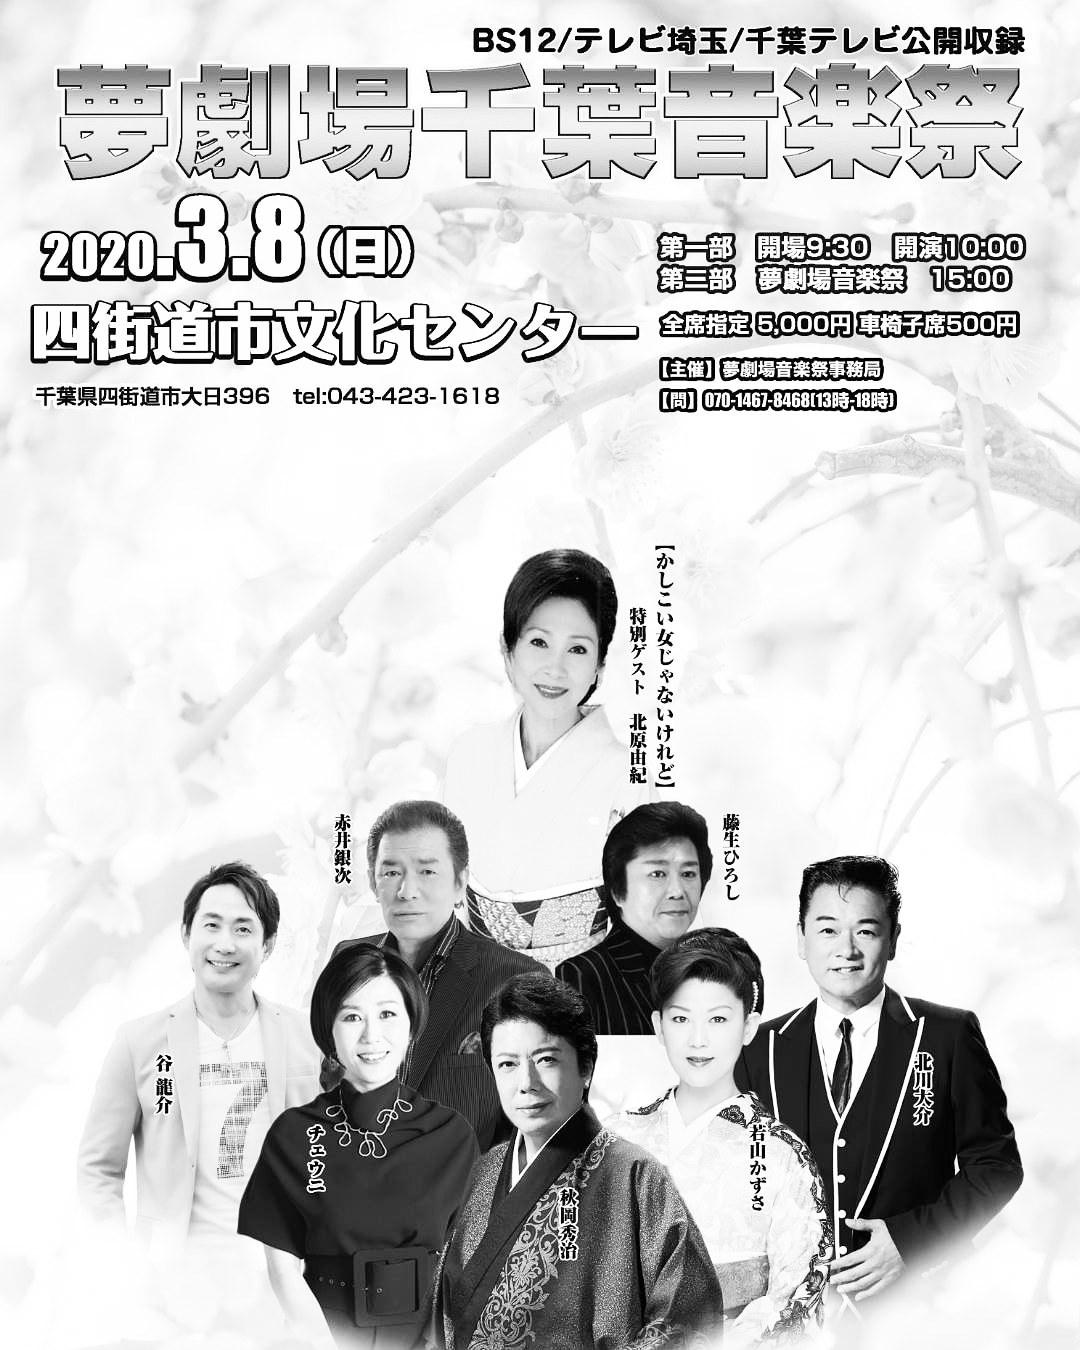 夢劇場千葉音楽祭延期のお知らせ!_b0083801_23380940.jpg